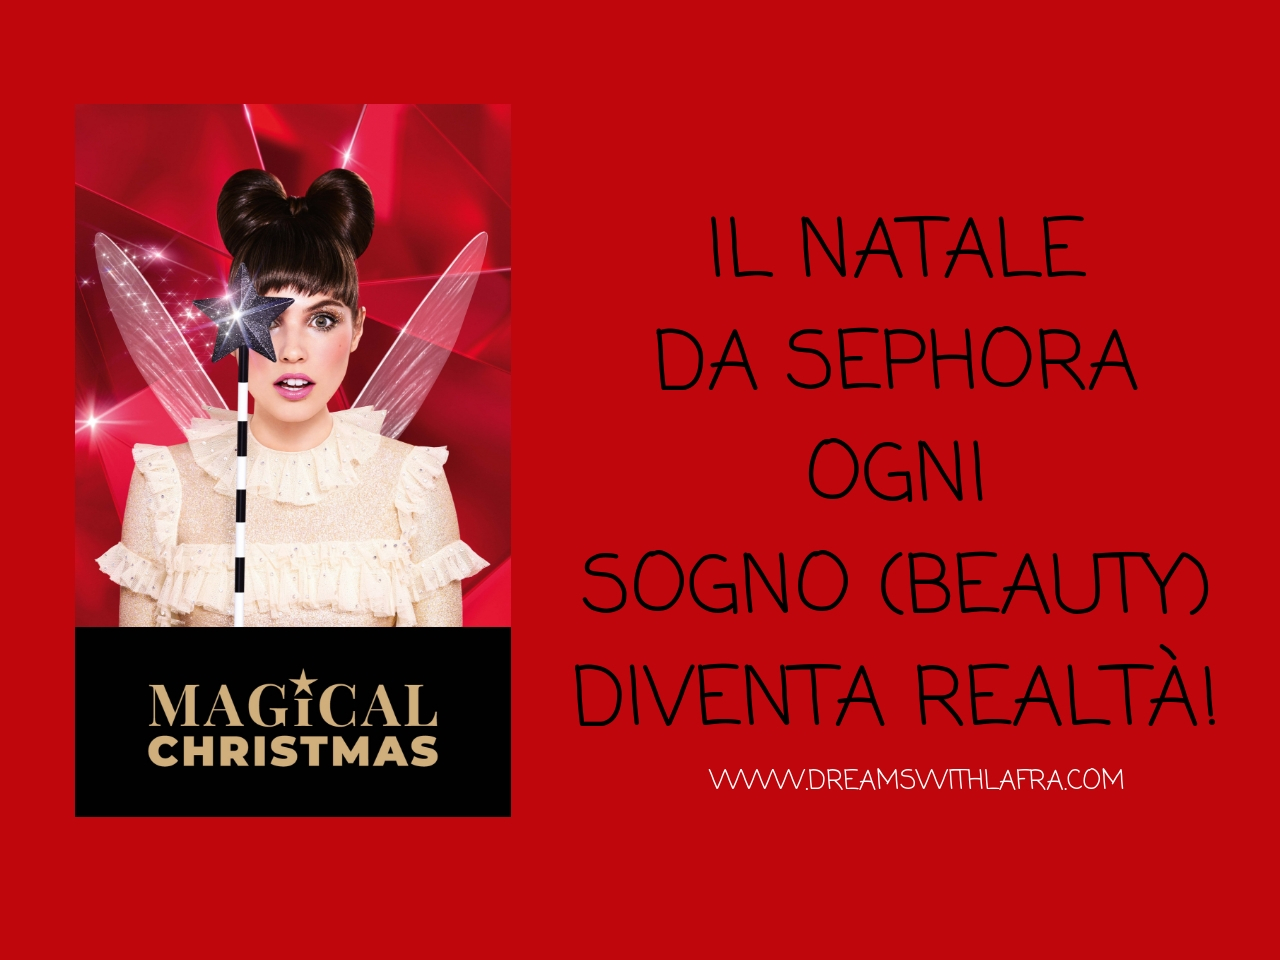 Il Natale da Sephora ogni sogno beauty diventa realtà